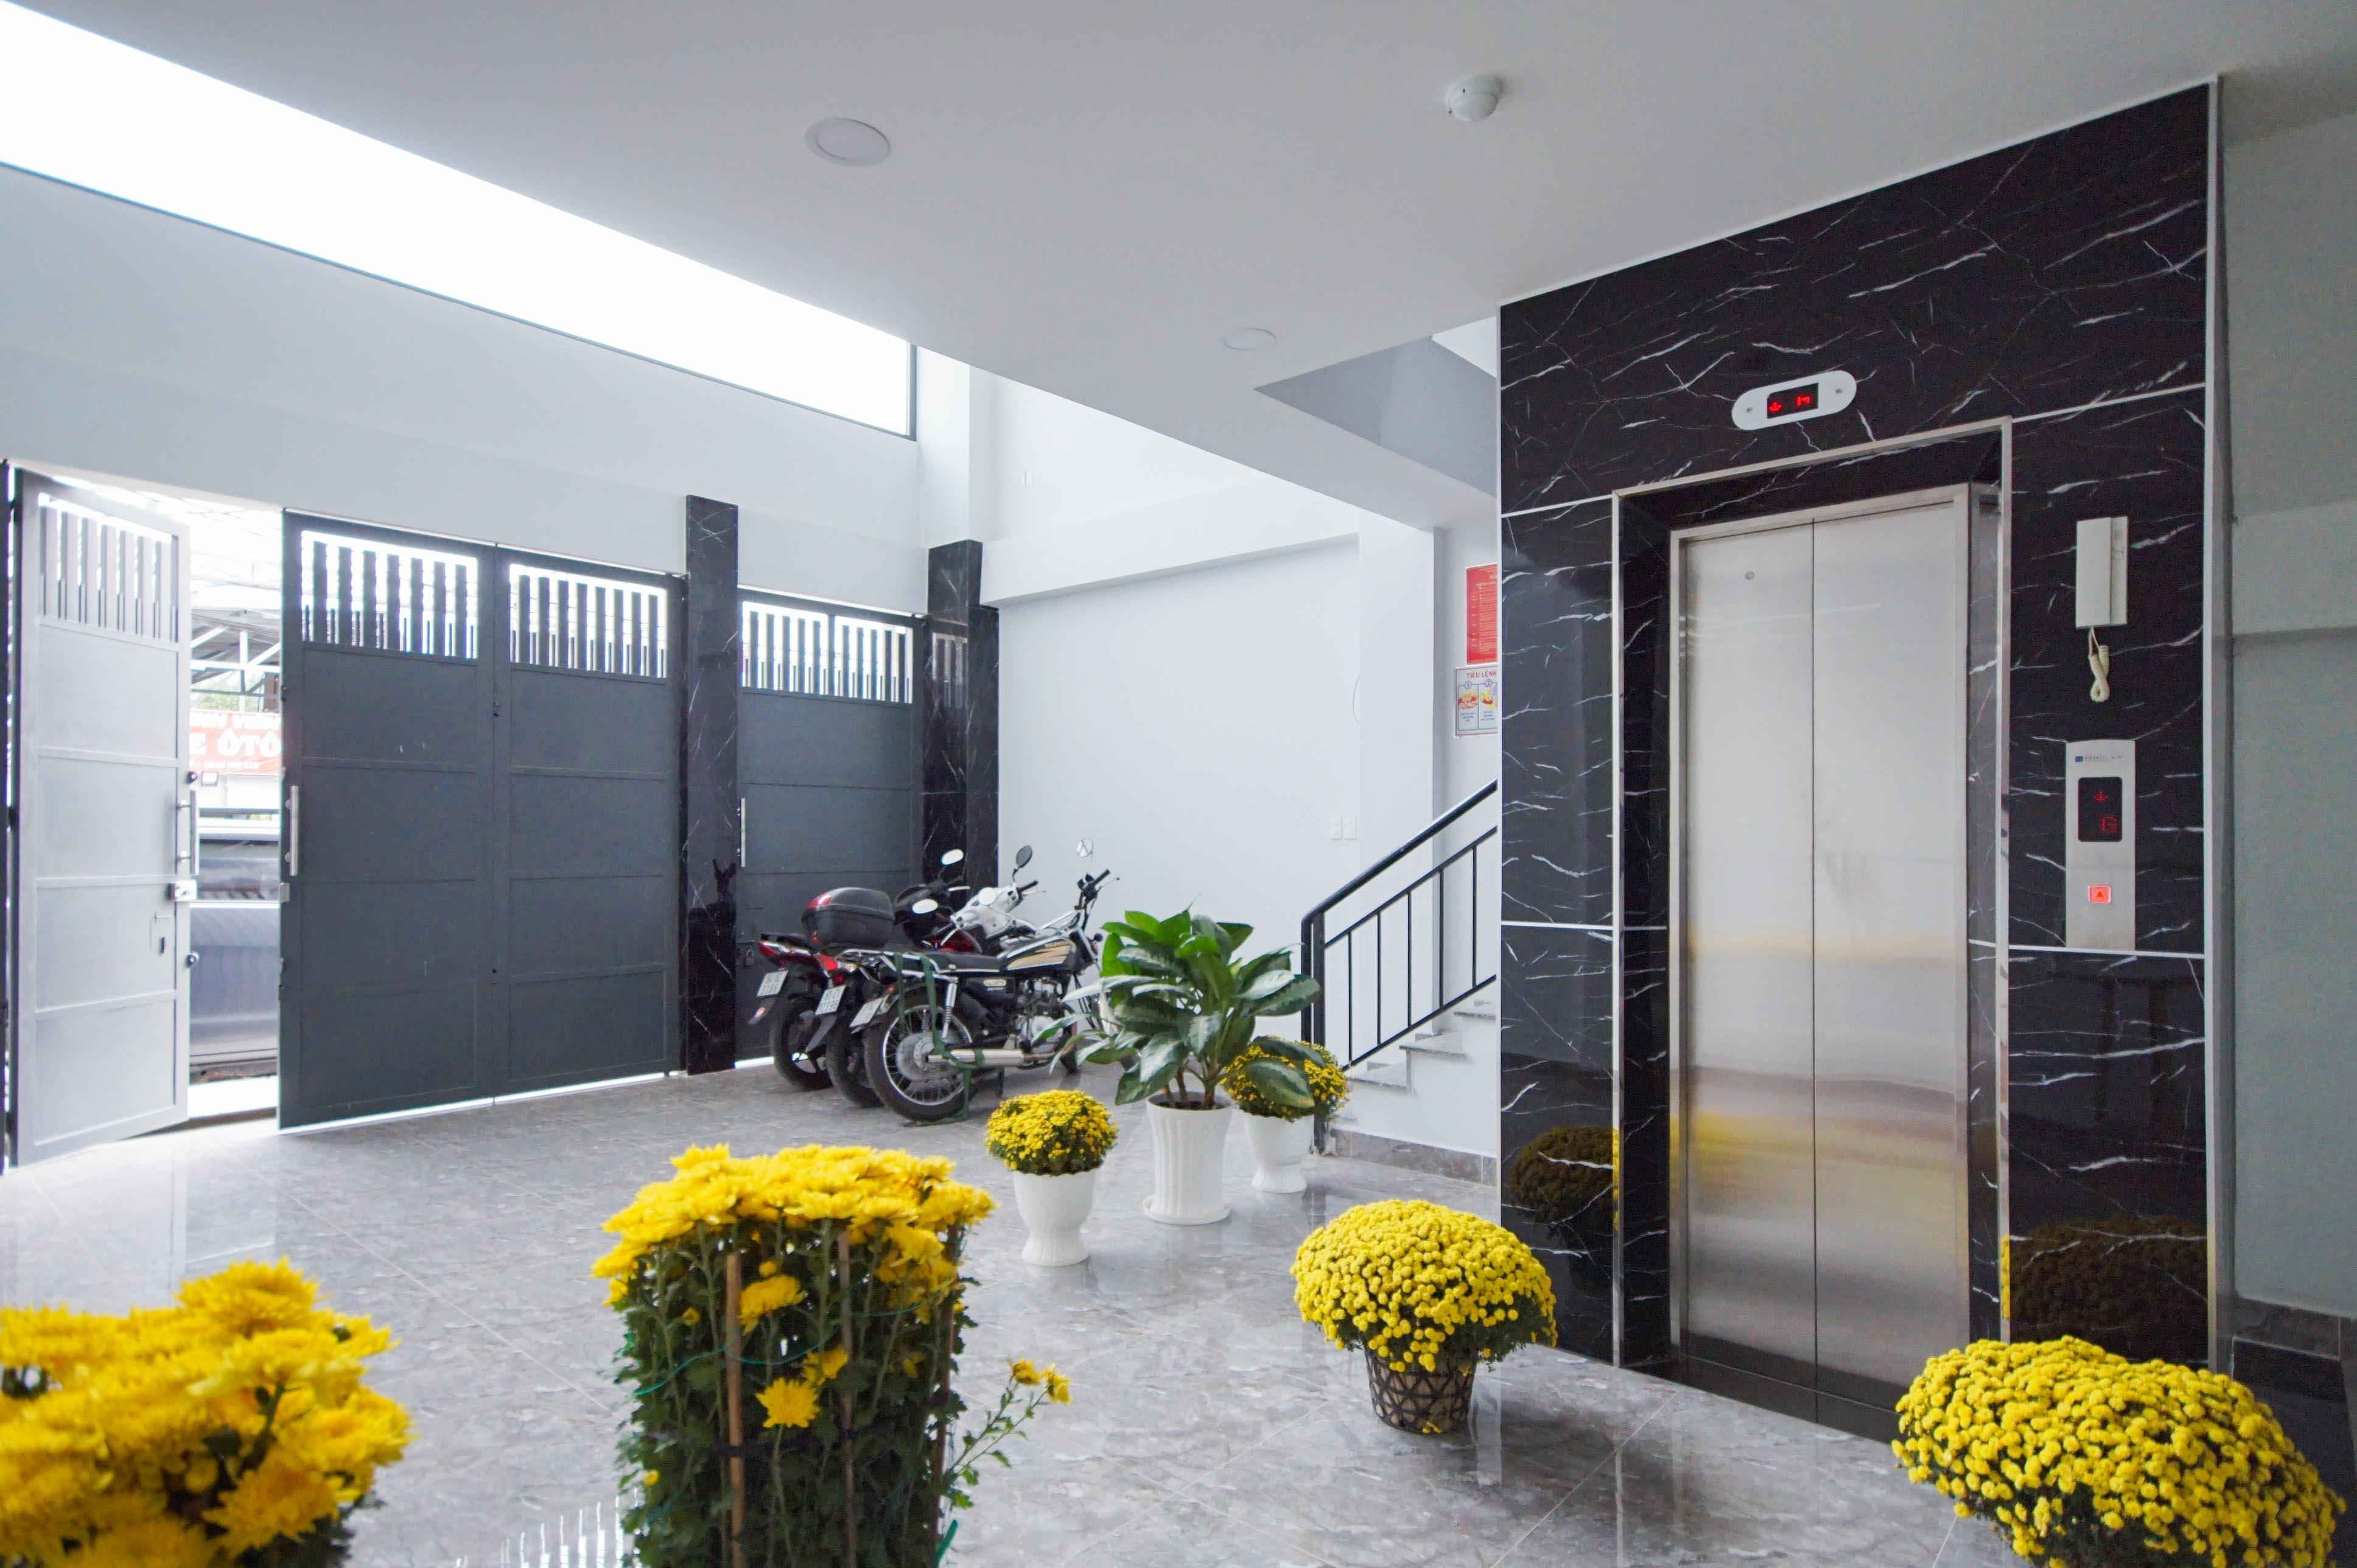 Cho Thuê Căn hộ Dịch Vụ 1 PN Điện Biên Phủ -Tầng Cao View Thoáng -7